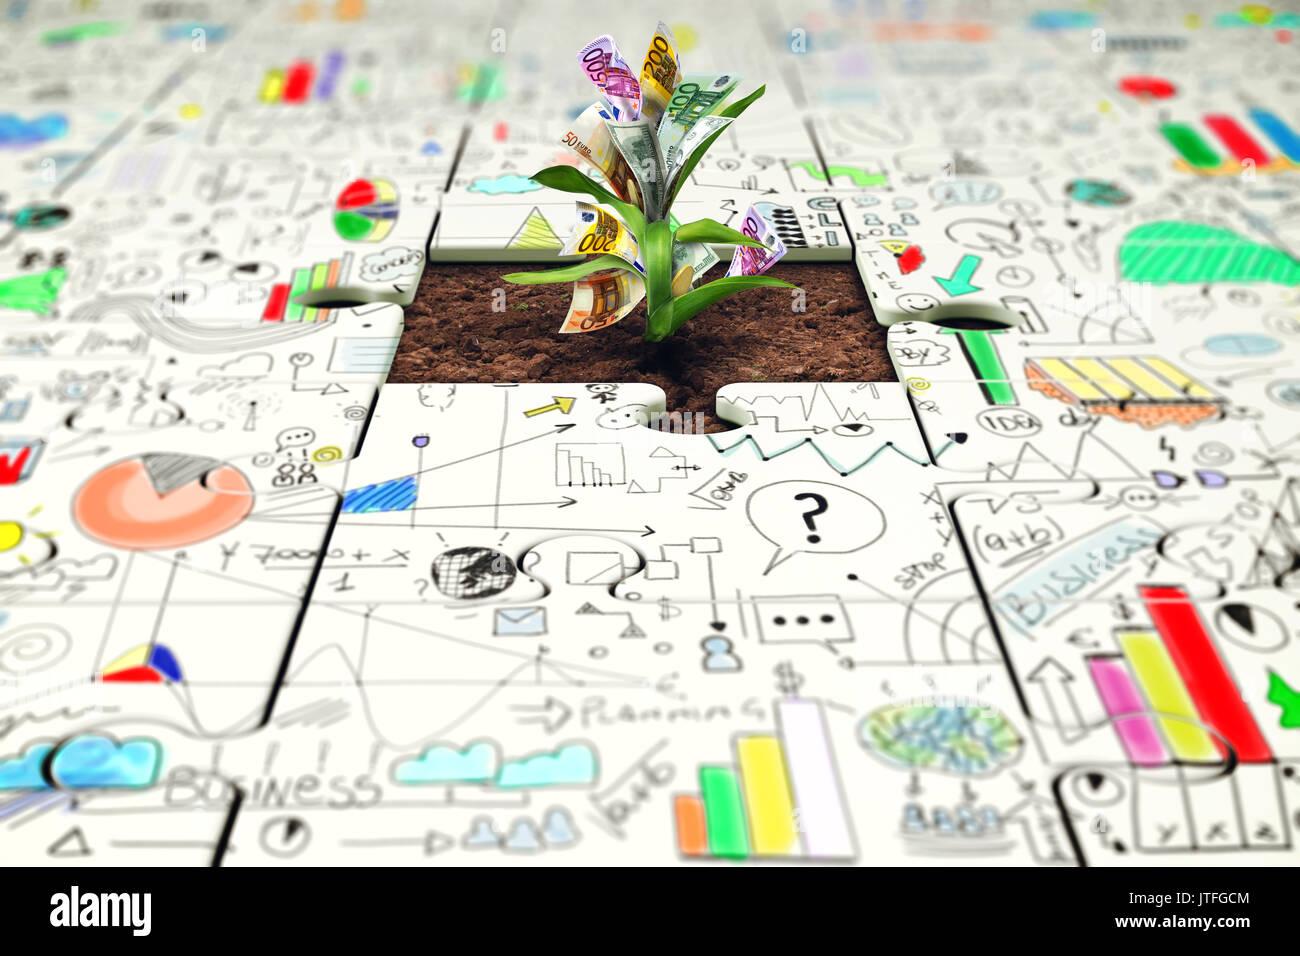 Planta con dinero crece a partir de una pieza faltante del rompecabezas Imagen De Stock